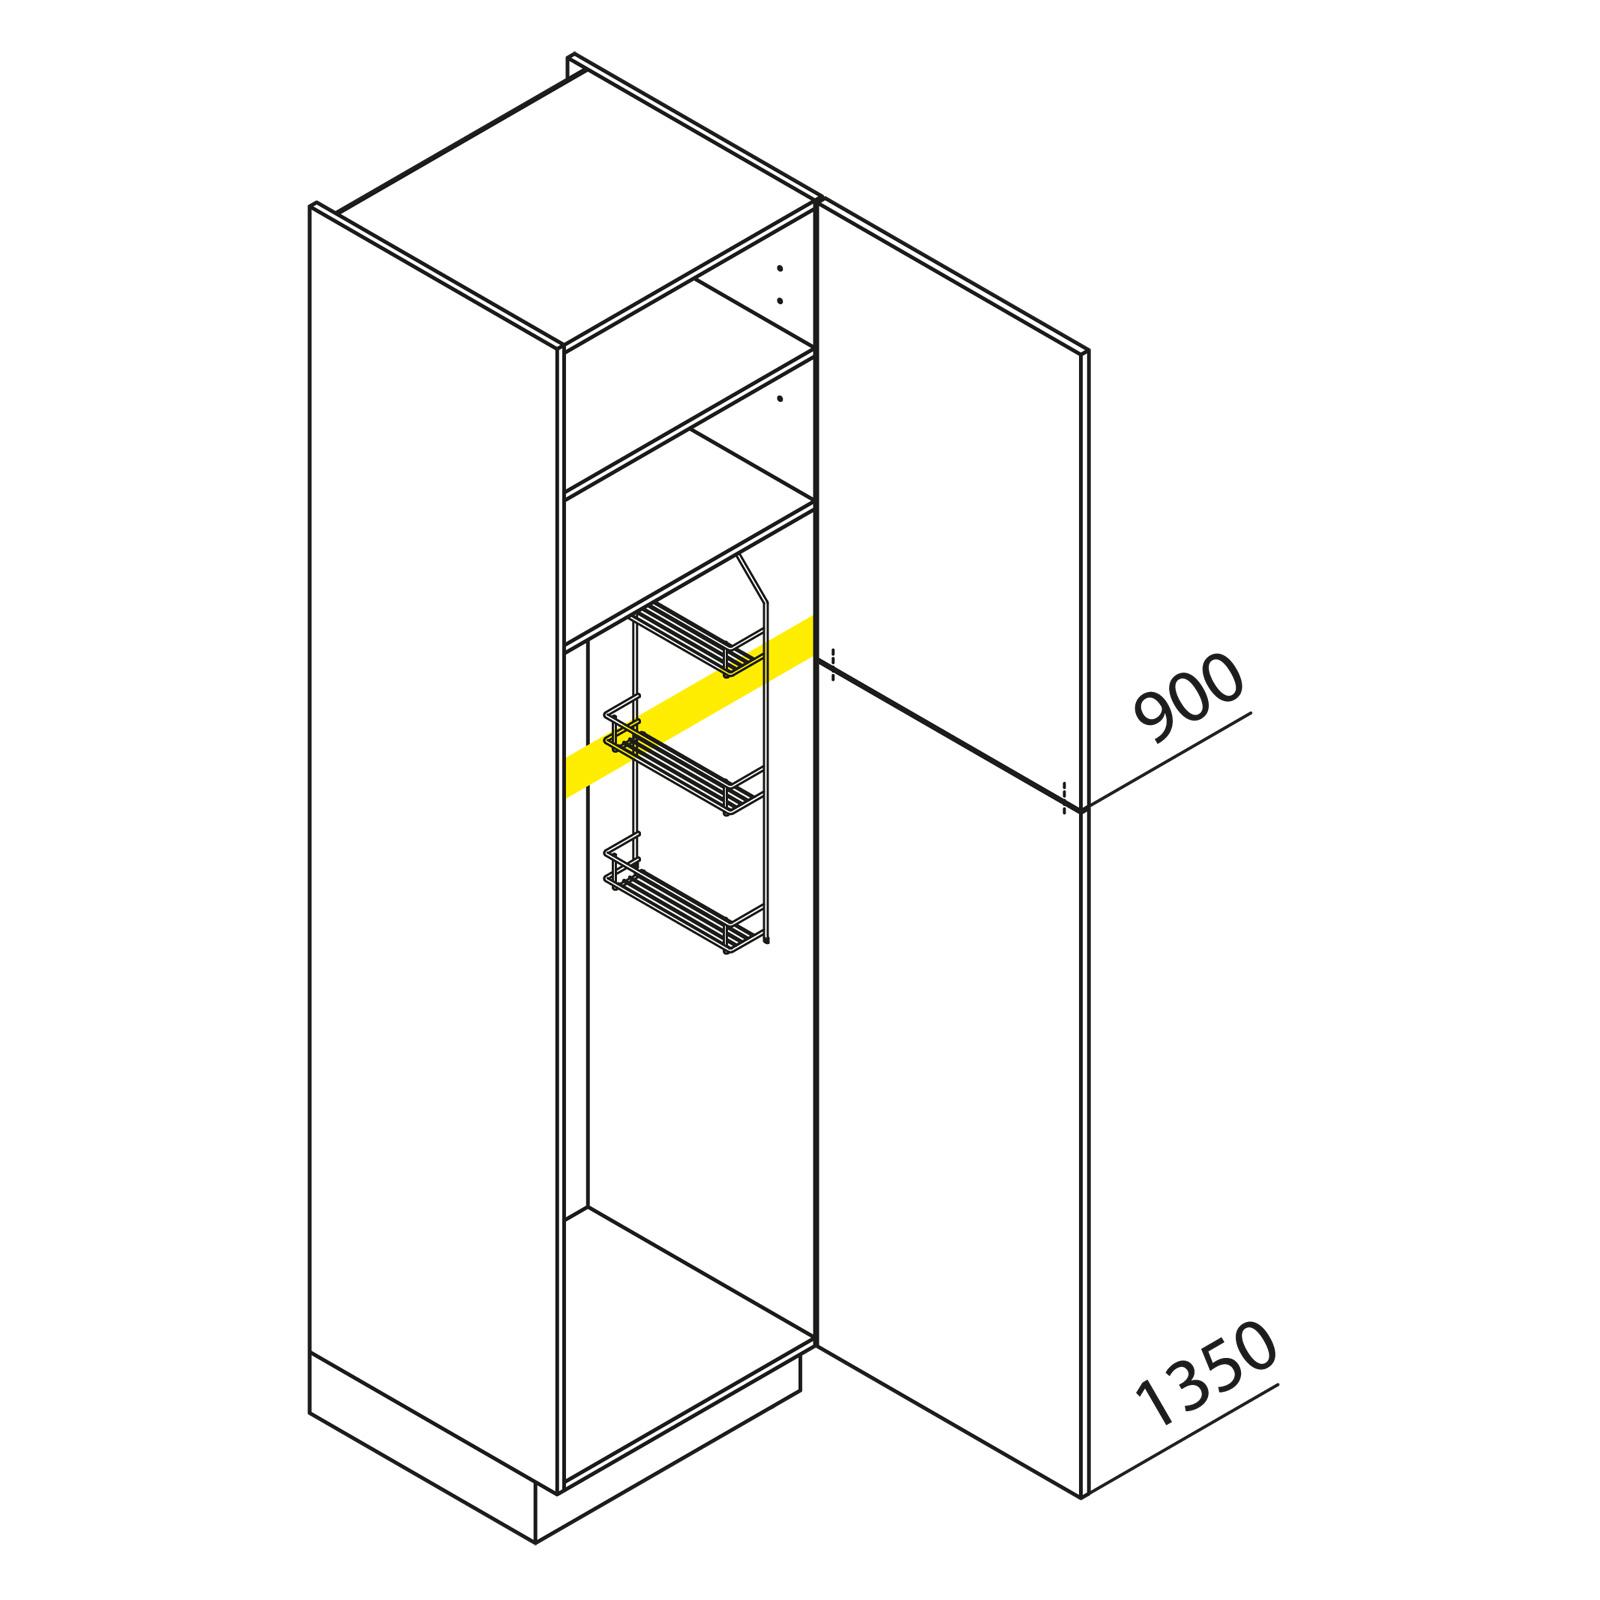 nolte k chen hochschrank besenschrank vb40 225 h. Black Bedroom Furniture Sets. Home Design Ideas